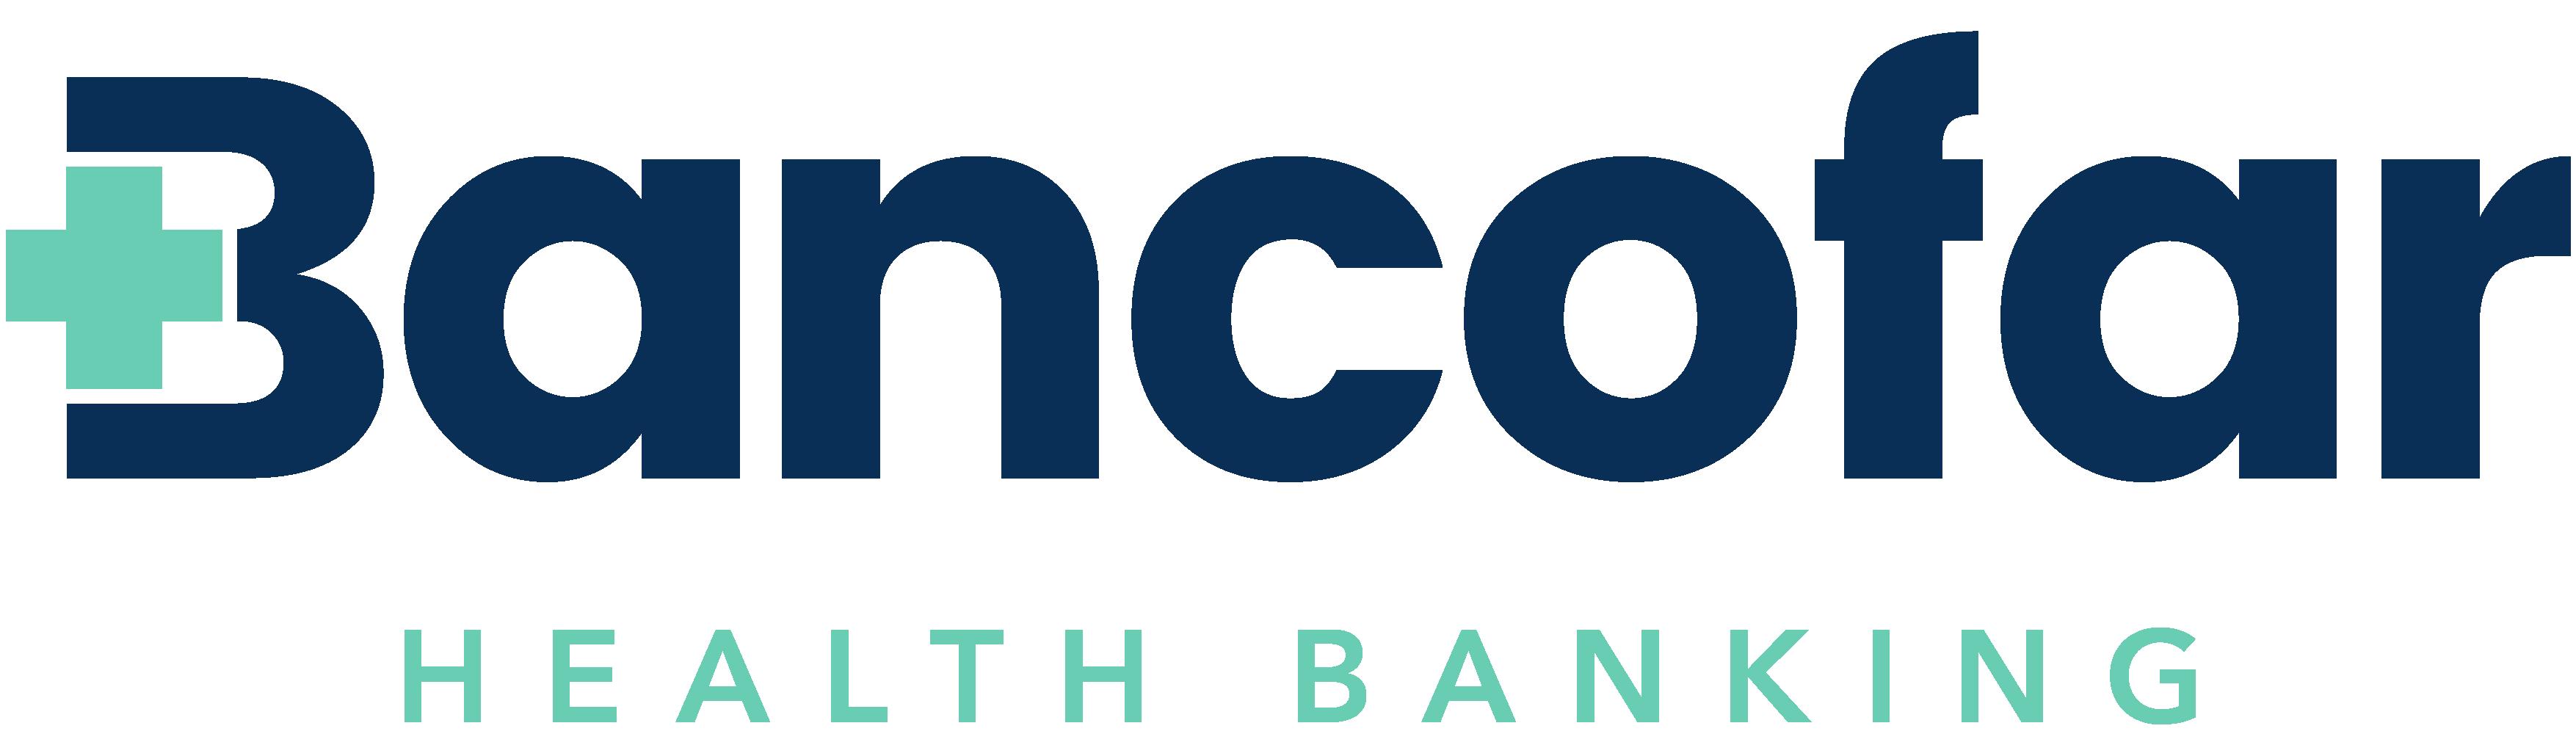 logotipo Bancofar